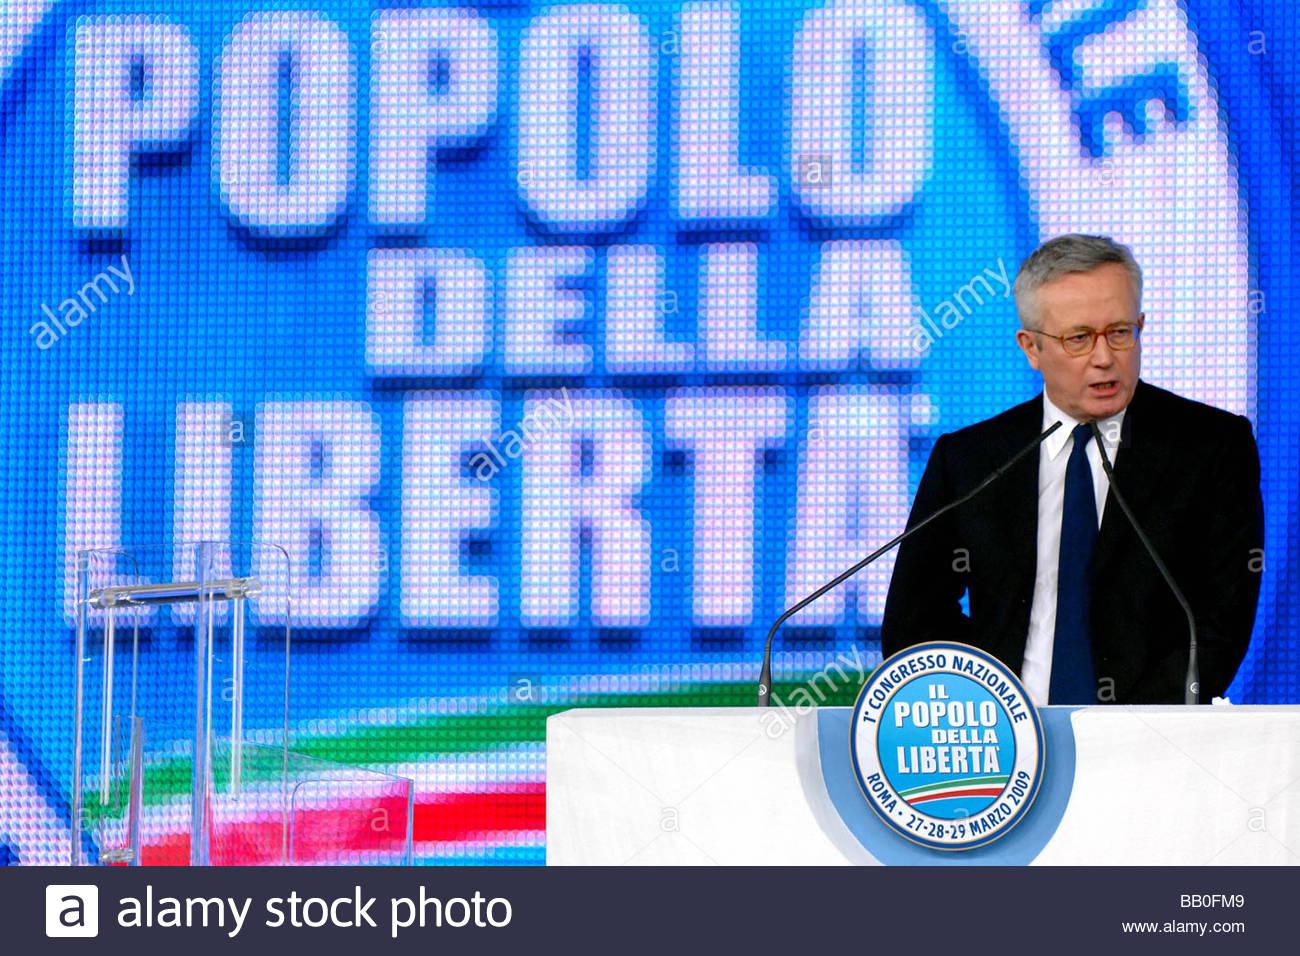 giulio tremonti,roma 2009,first popolo della libertà party meeting - Stock Image